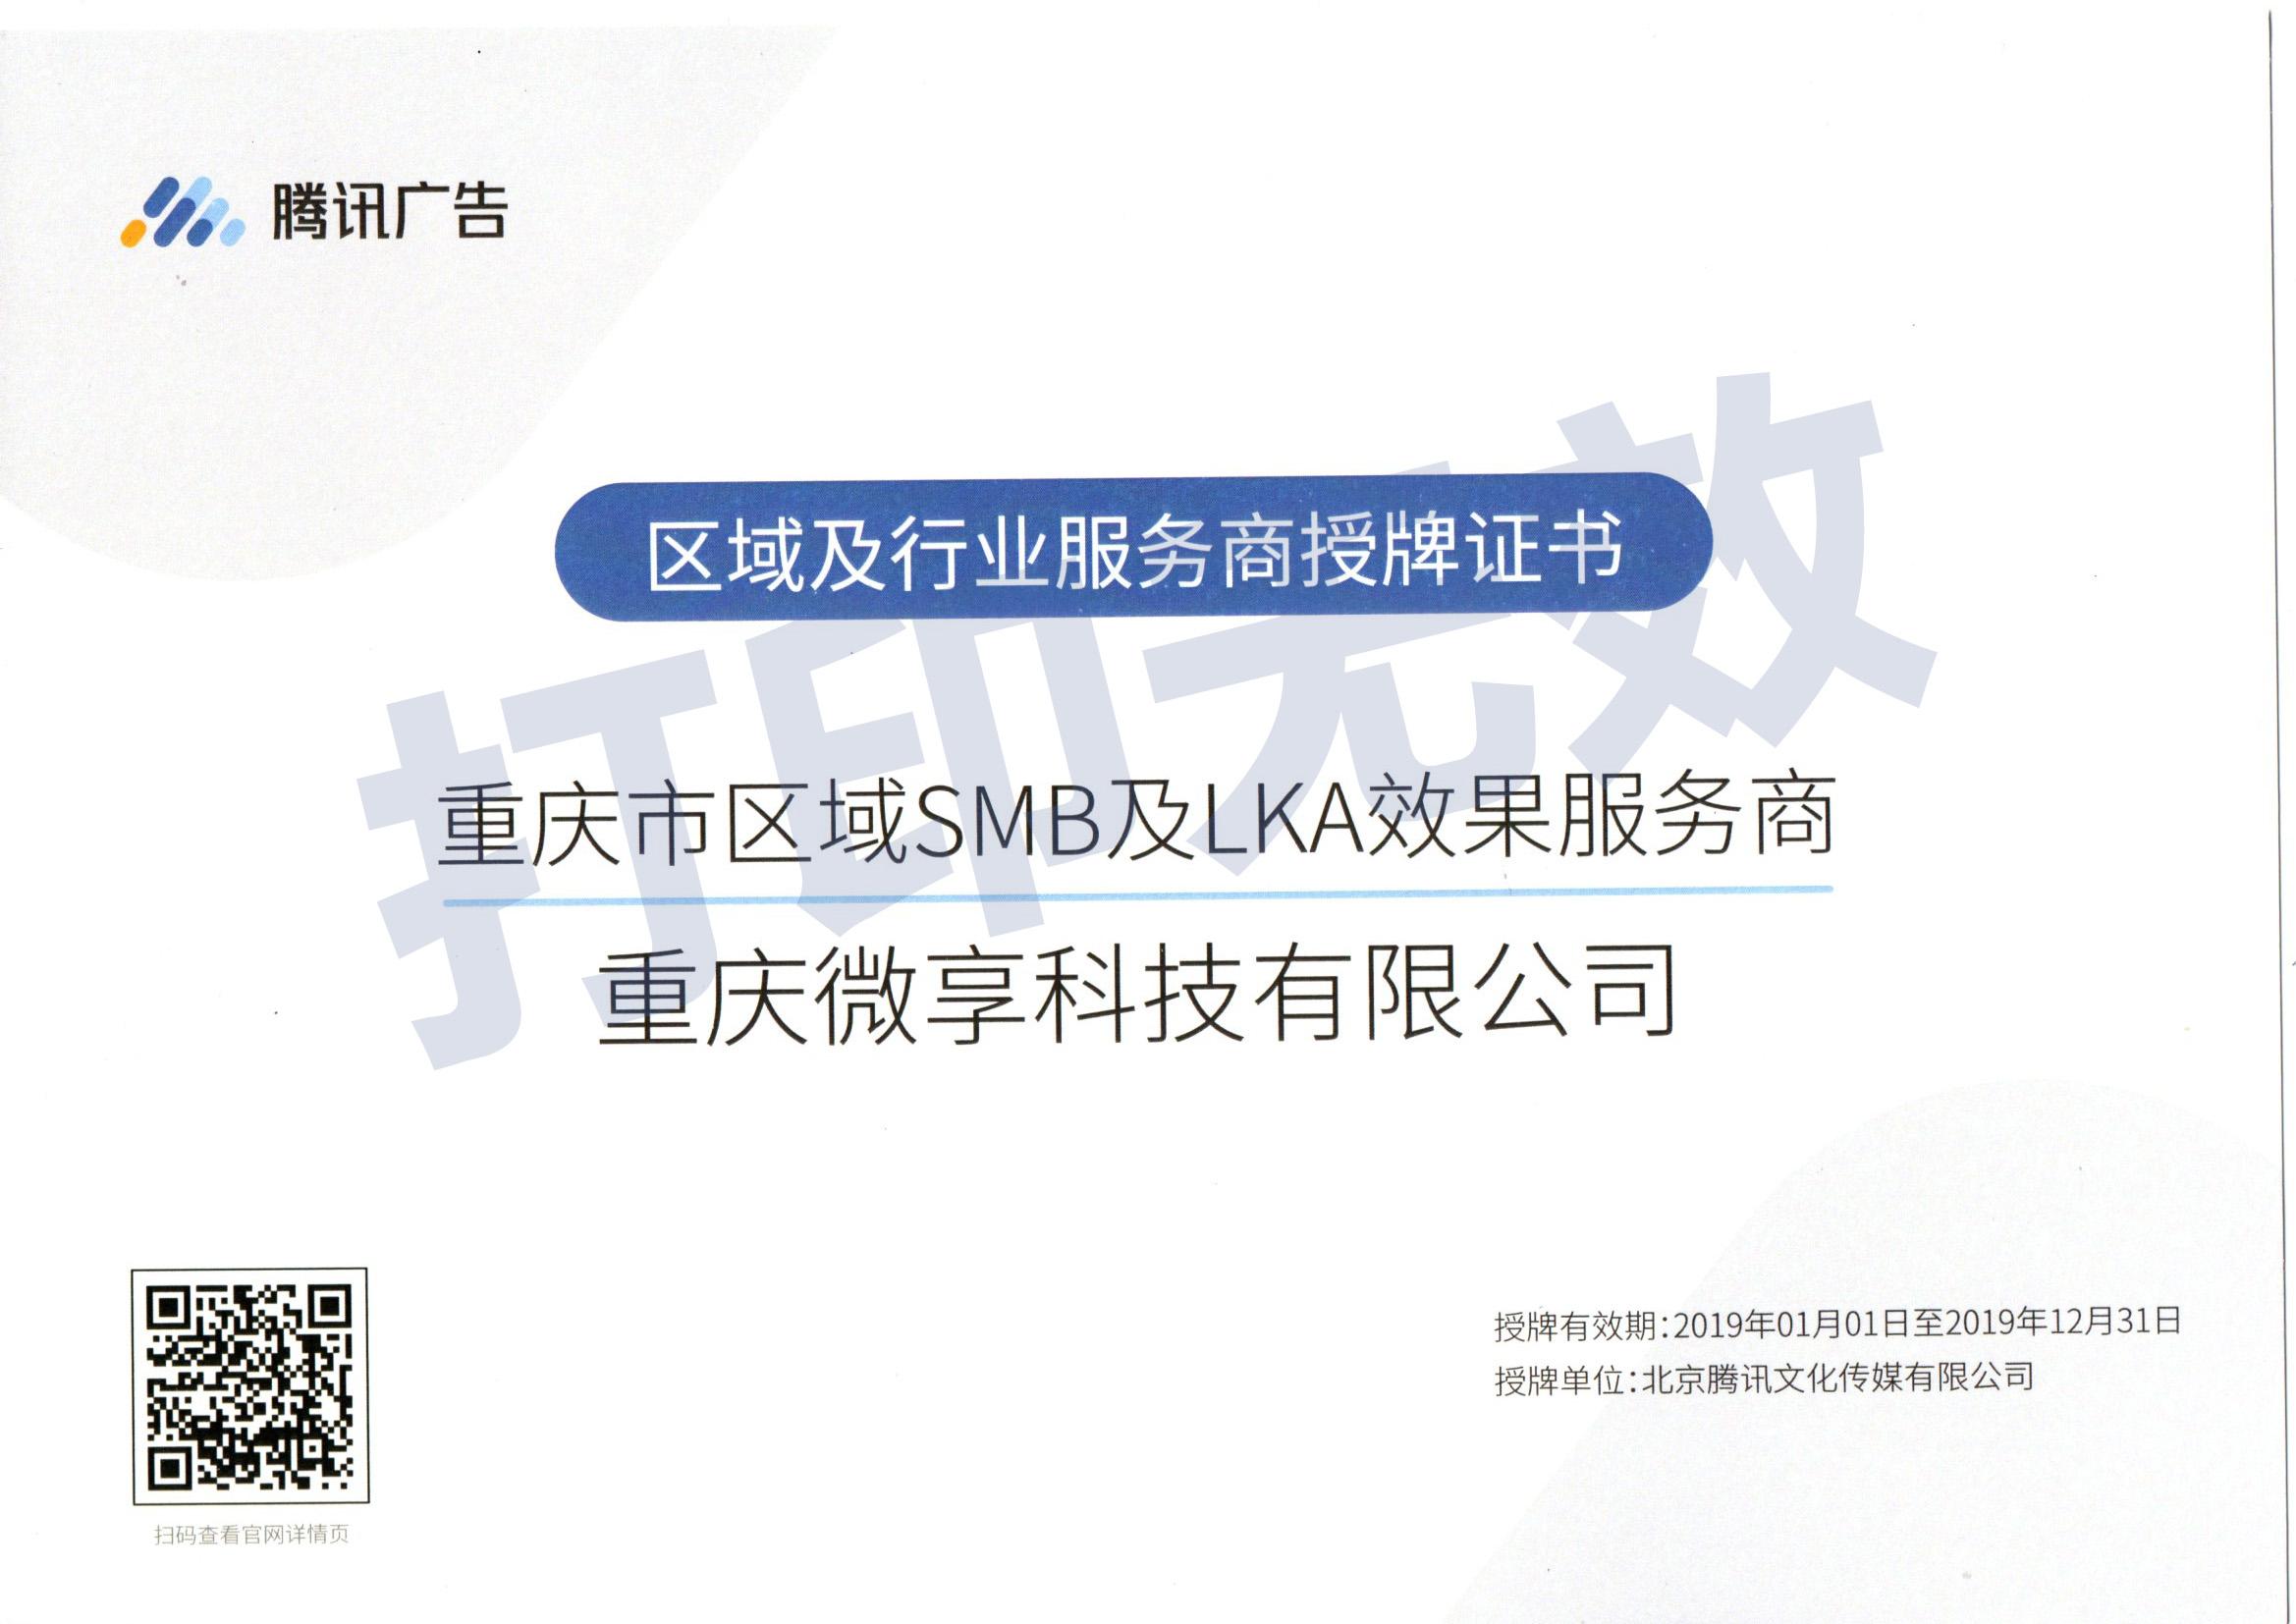 荣获万博手机ios市区域SMB及LKA效果服务商